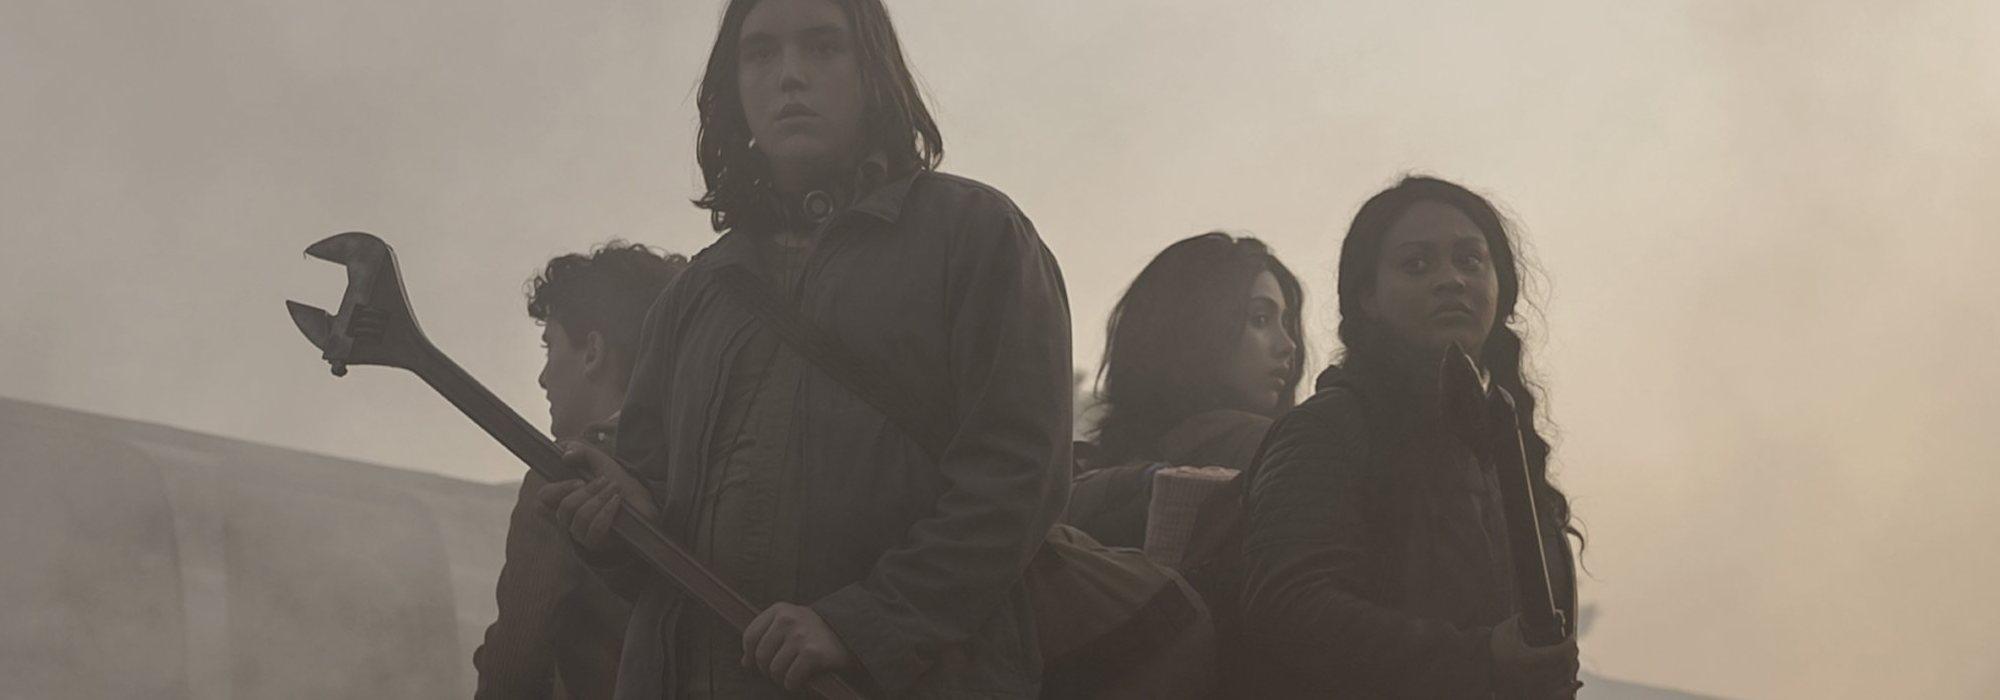 Por qué 'World Beyond' podría ser un revulsivo para la franquicia 'The Walking Dead'